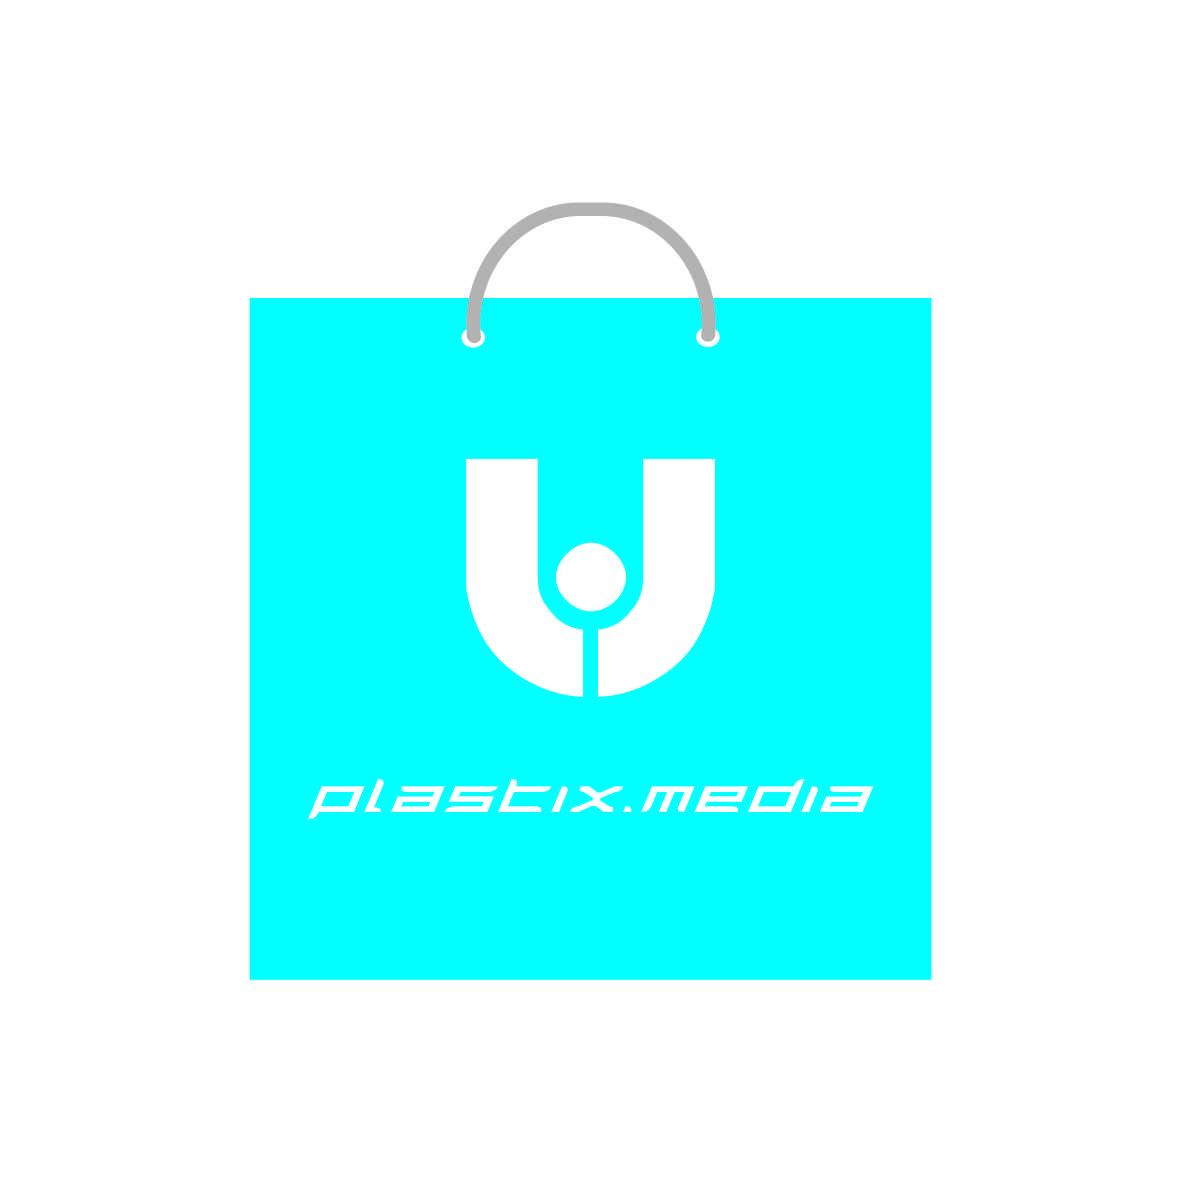 Разработка пакета айдентики Plastix.Media фото f_791598c2329d0afb.jpg